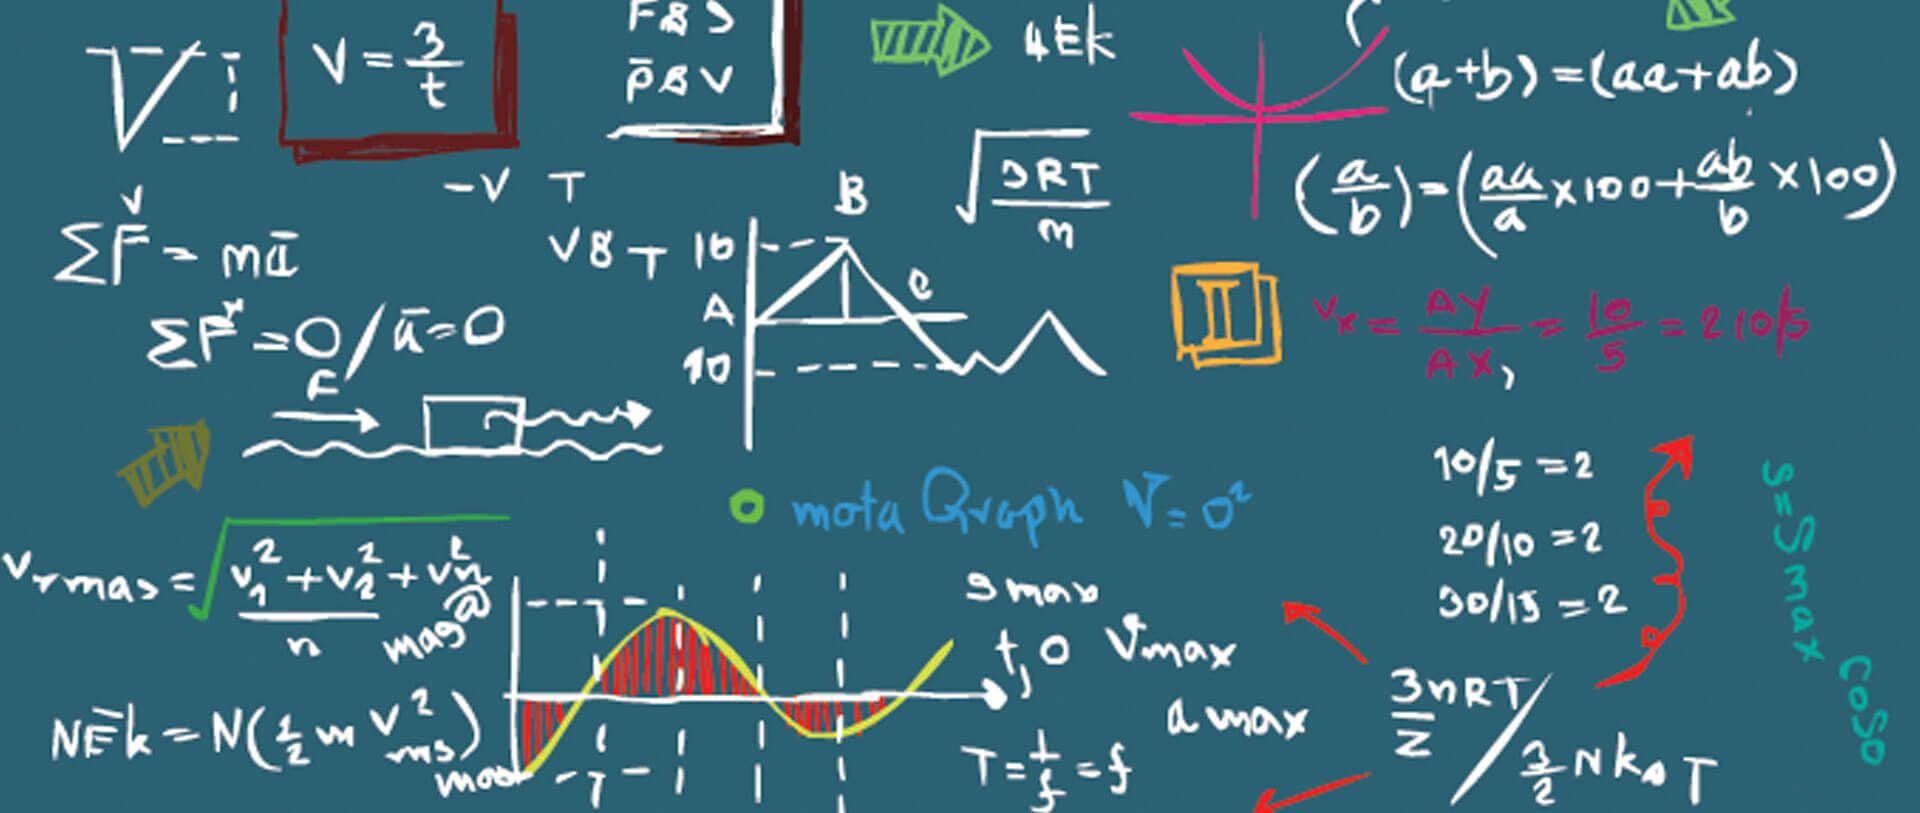 Matematik Eğitimi Nasıl Olmalı?